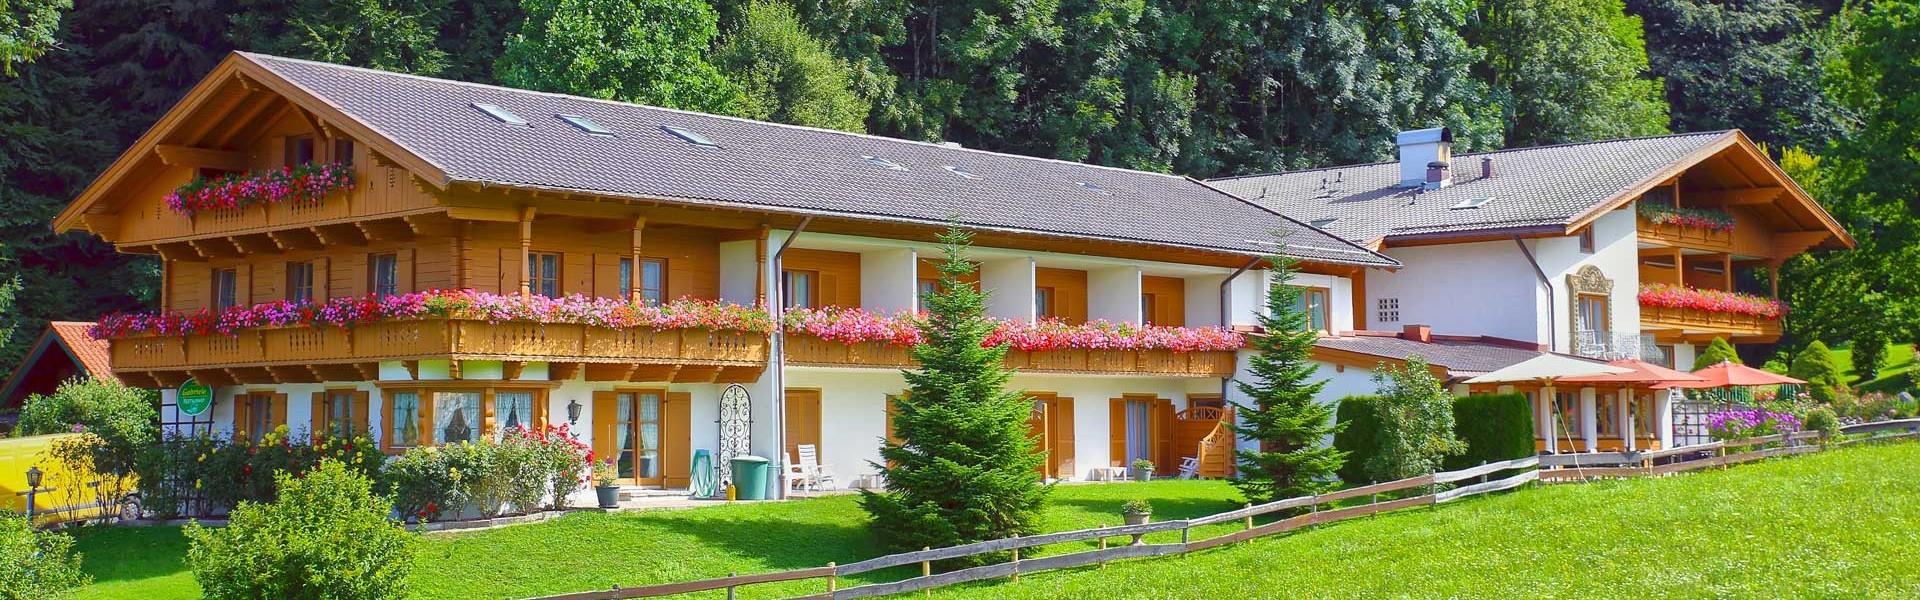 Hotel Gabriele im Chiemgau